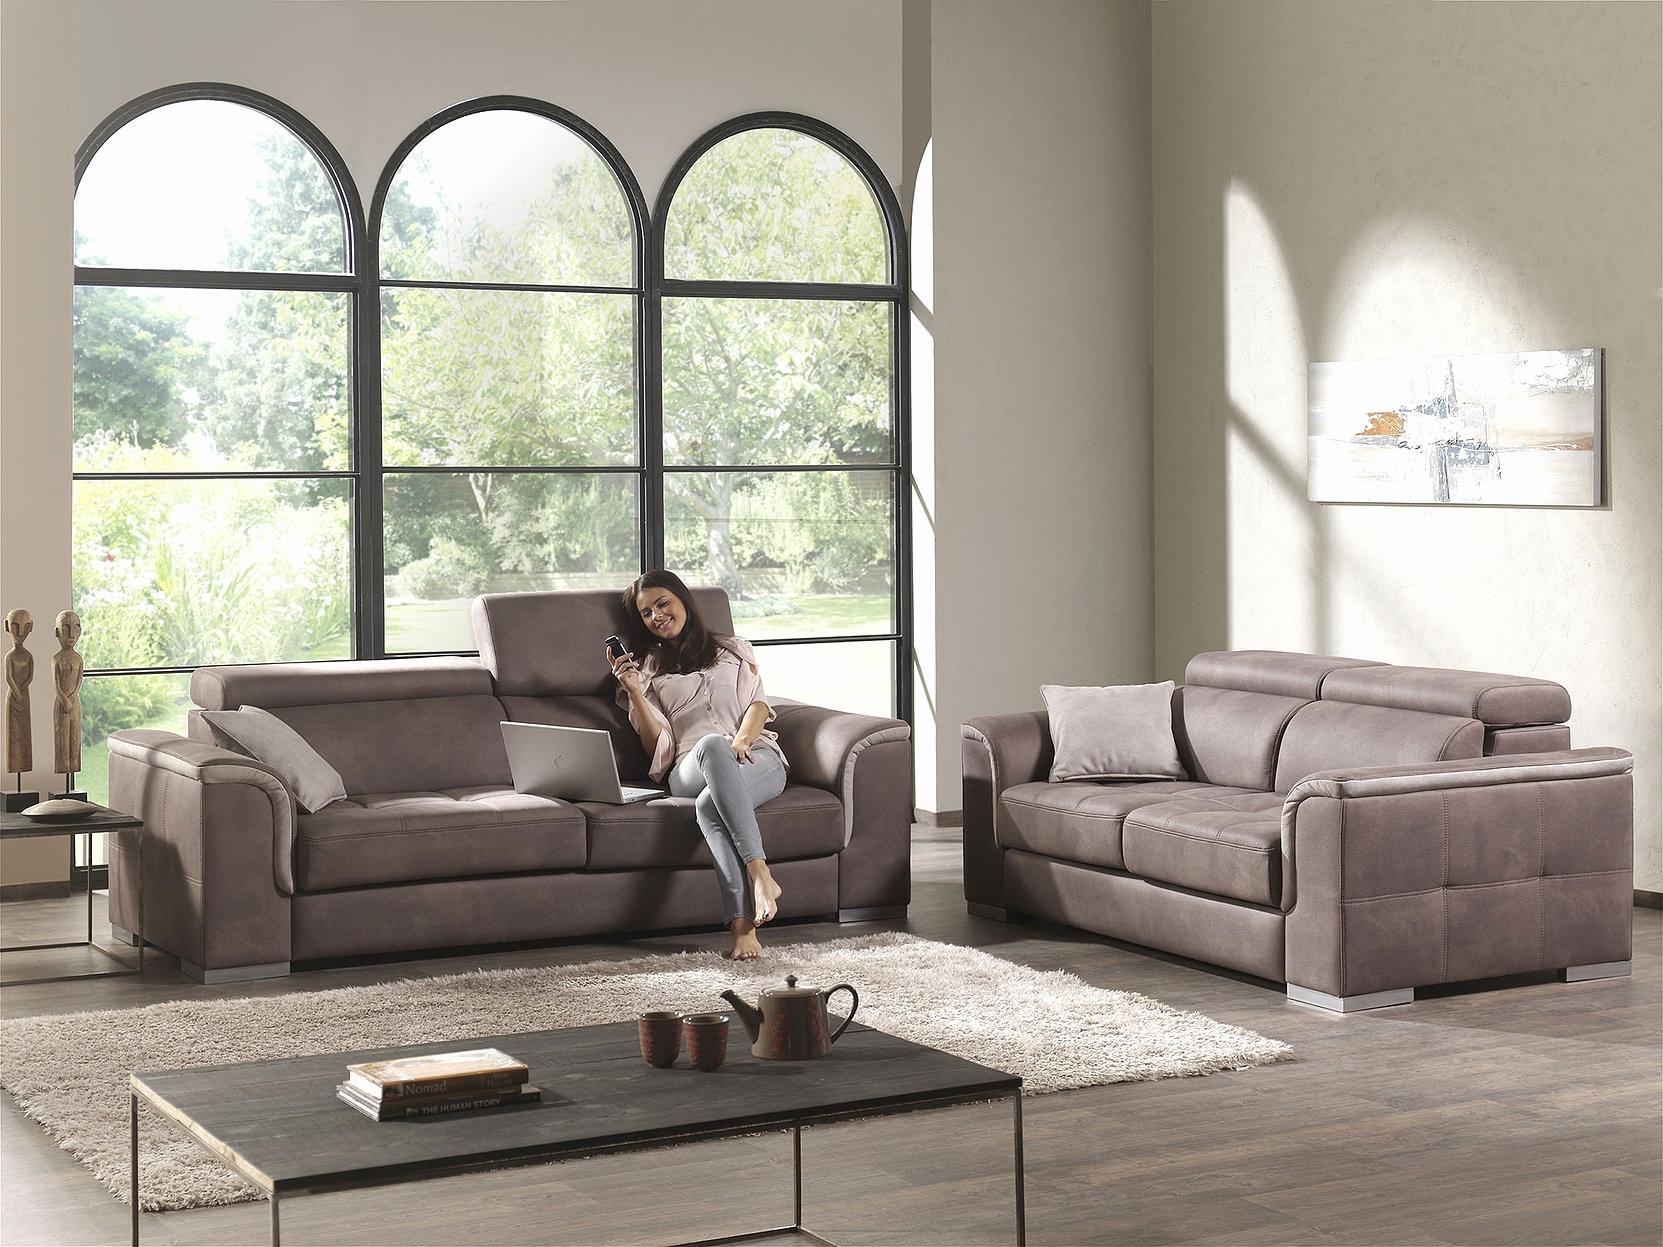 Canapé lit quimper - Maison mobilier jardin